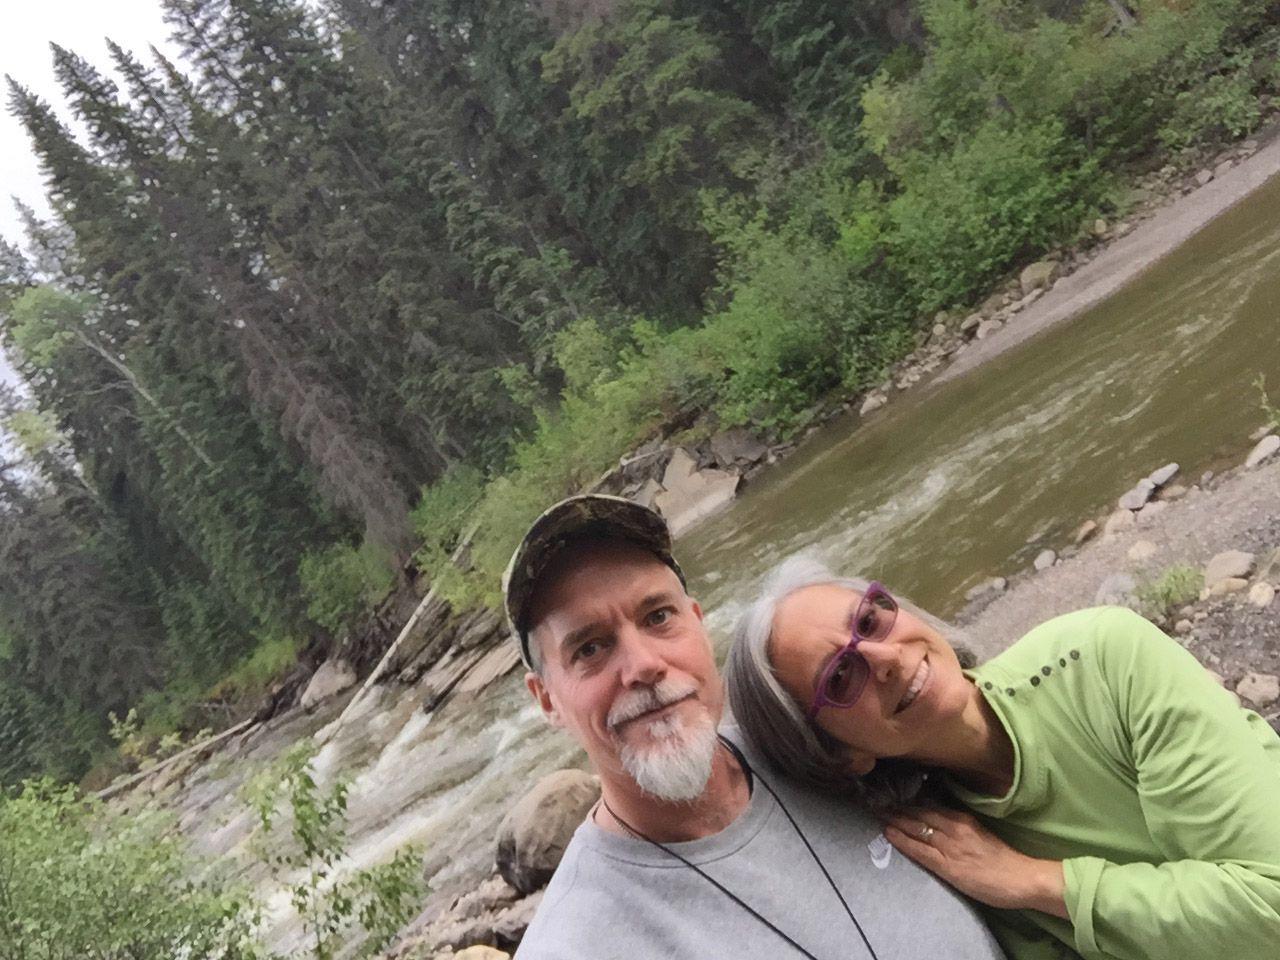 Jim Nelson y Renee Agridano narran sus aventuras en LiveWorkDream.com.  Son un nómada experimentado, yendo por la carretera en 2007.